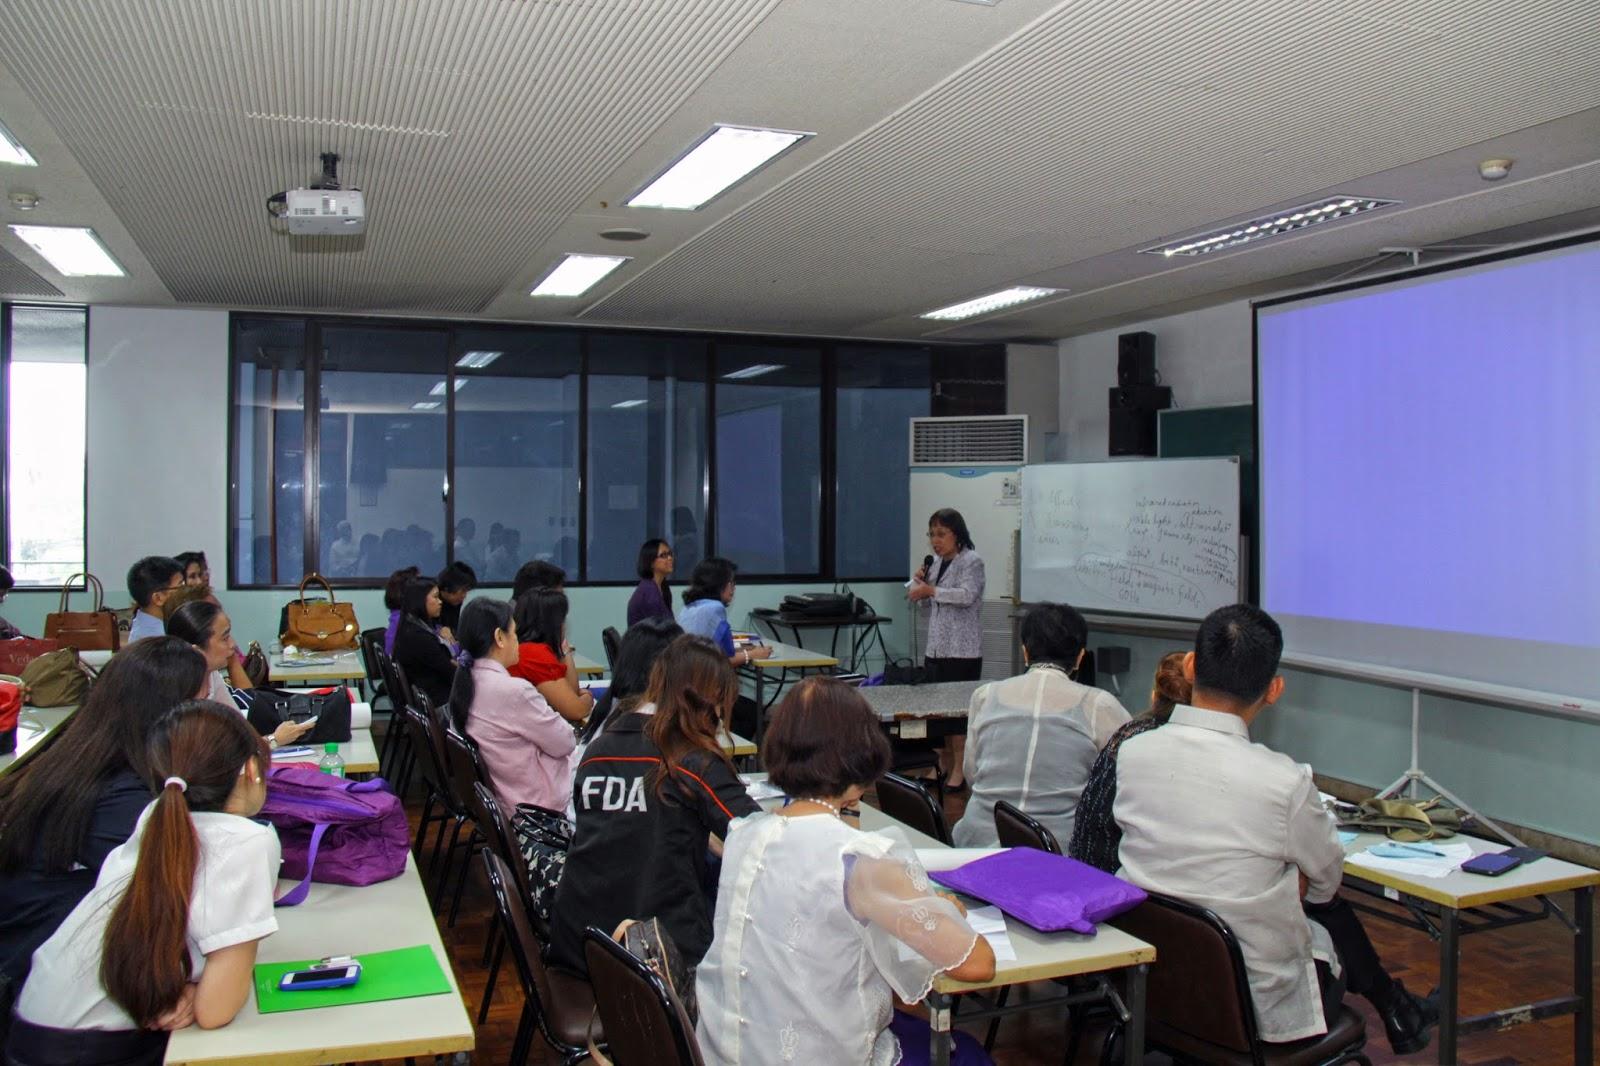 CONSUMERISM IN THE ASEAN INTEGRATION